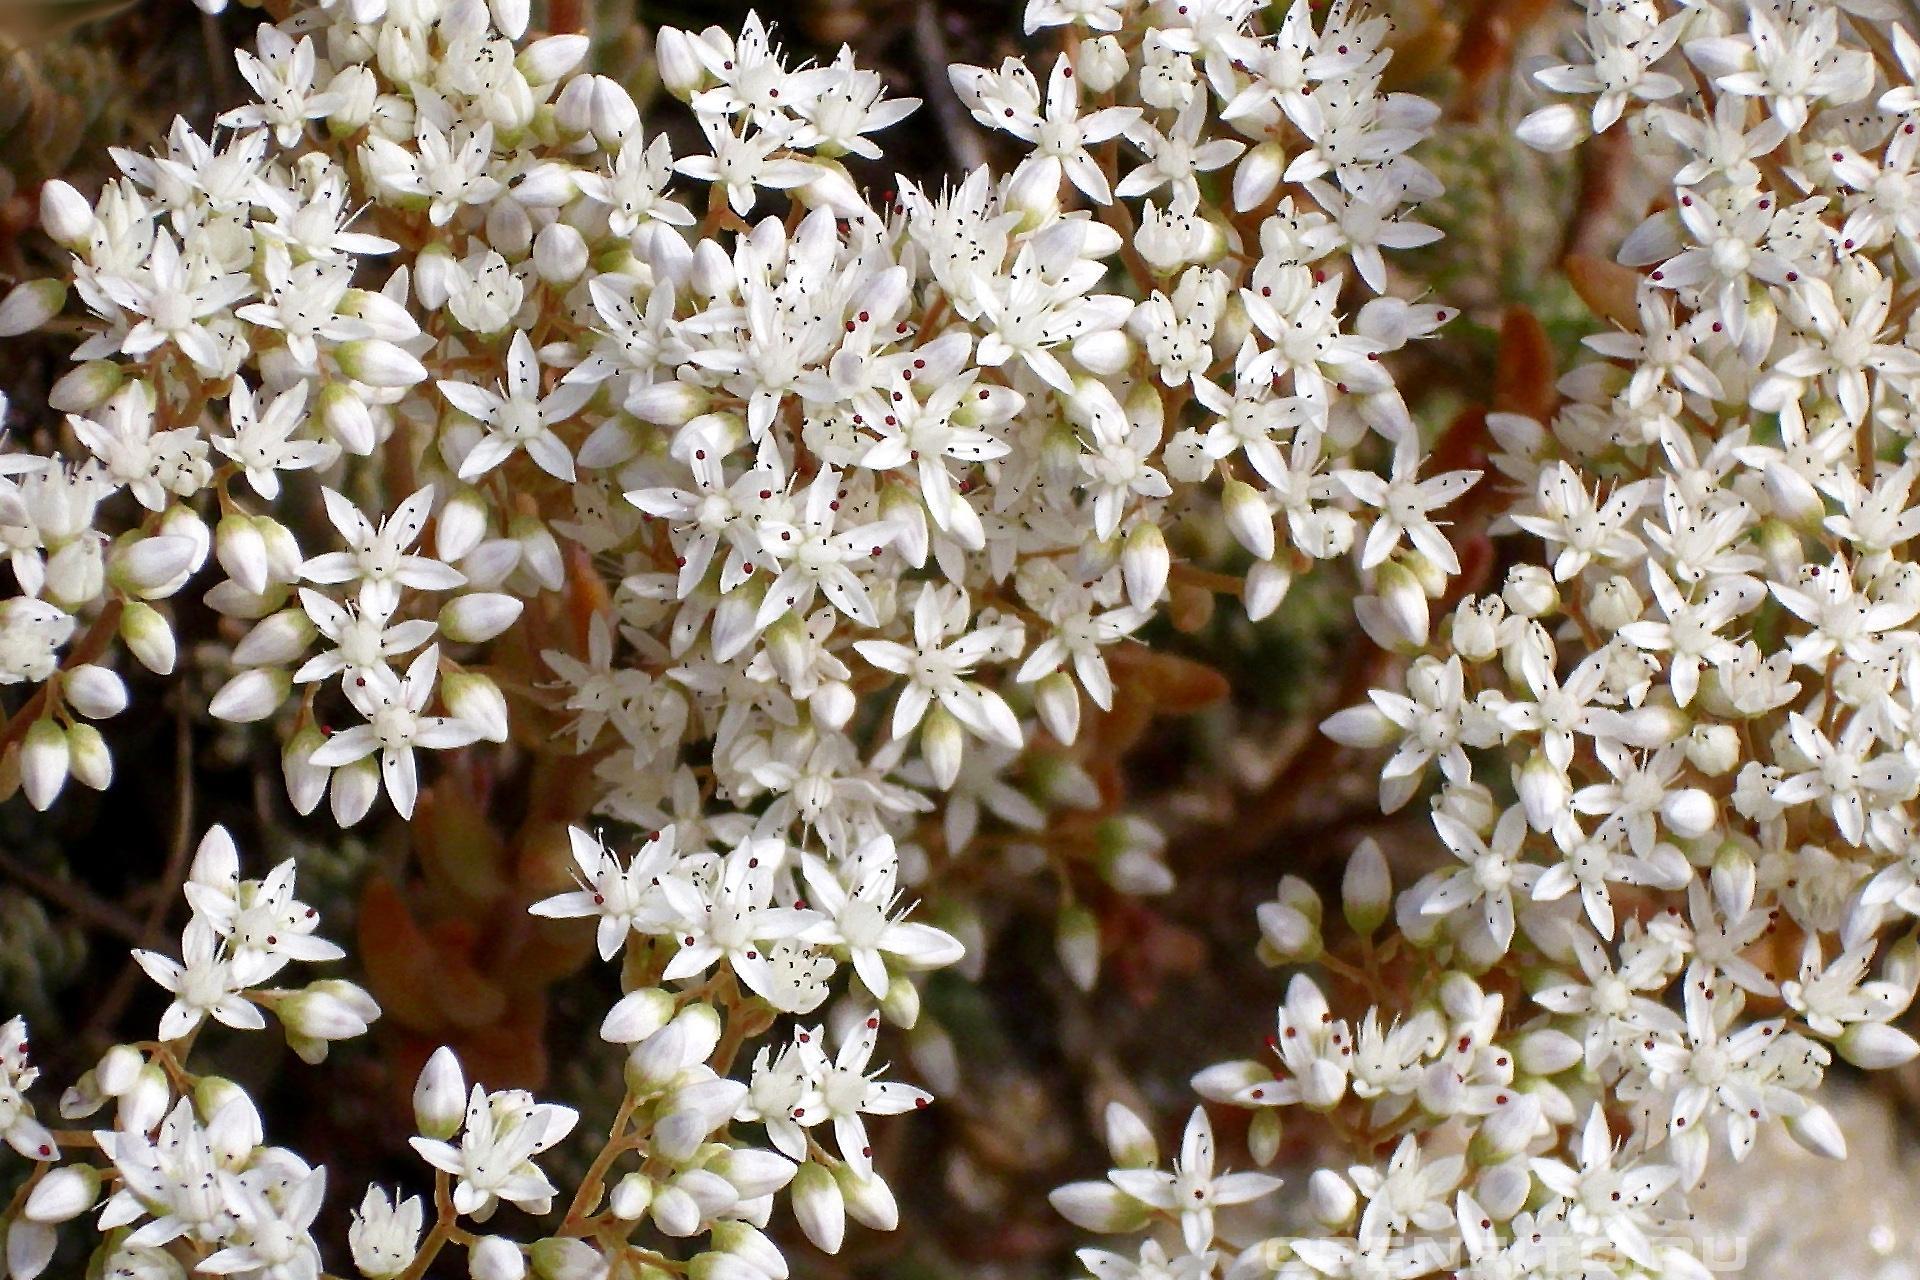 Очиток белый декоративное растения которое можно высаживать в виде живого ковра